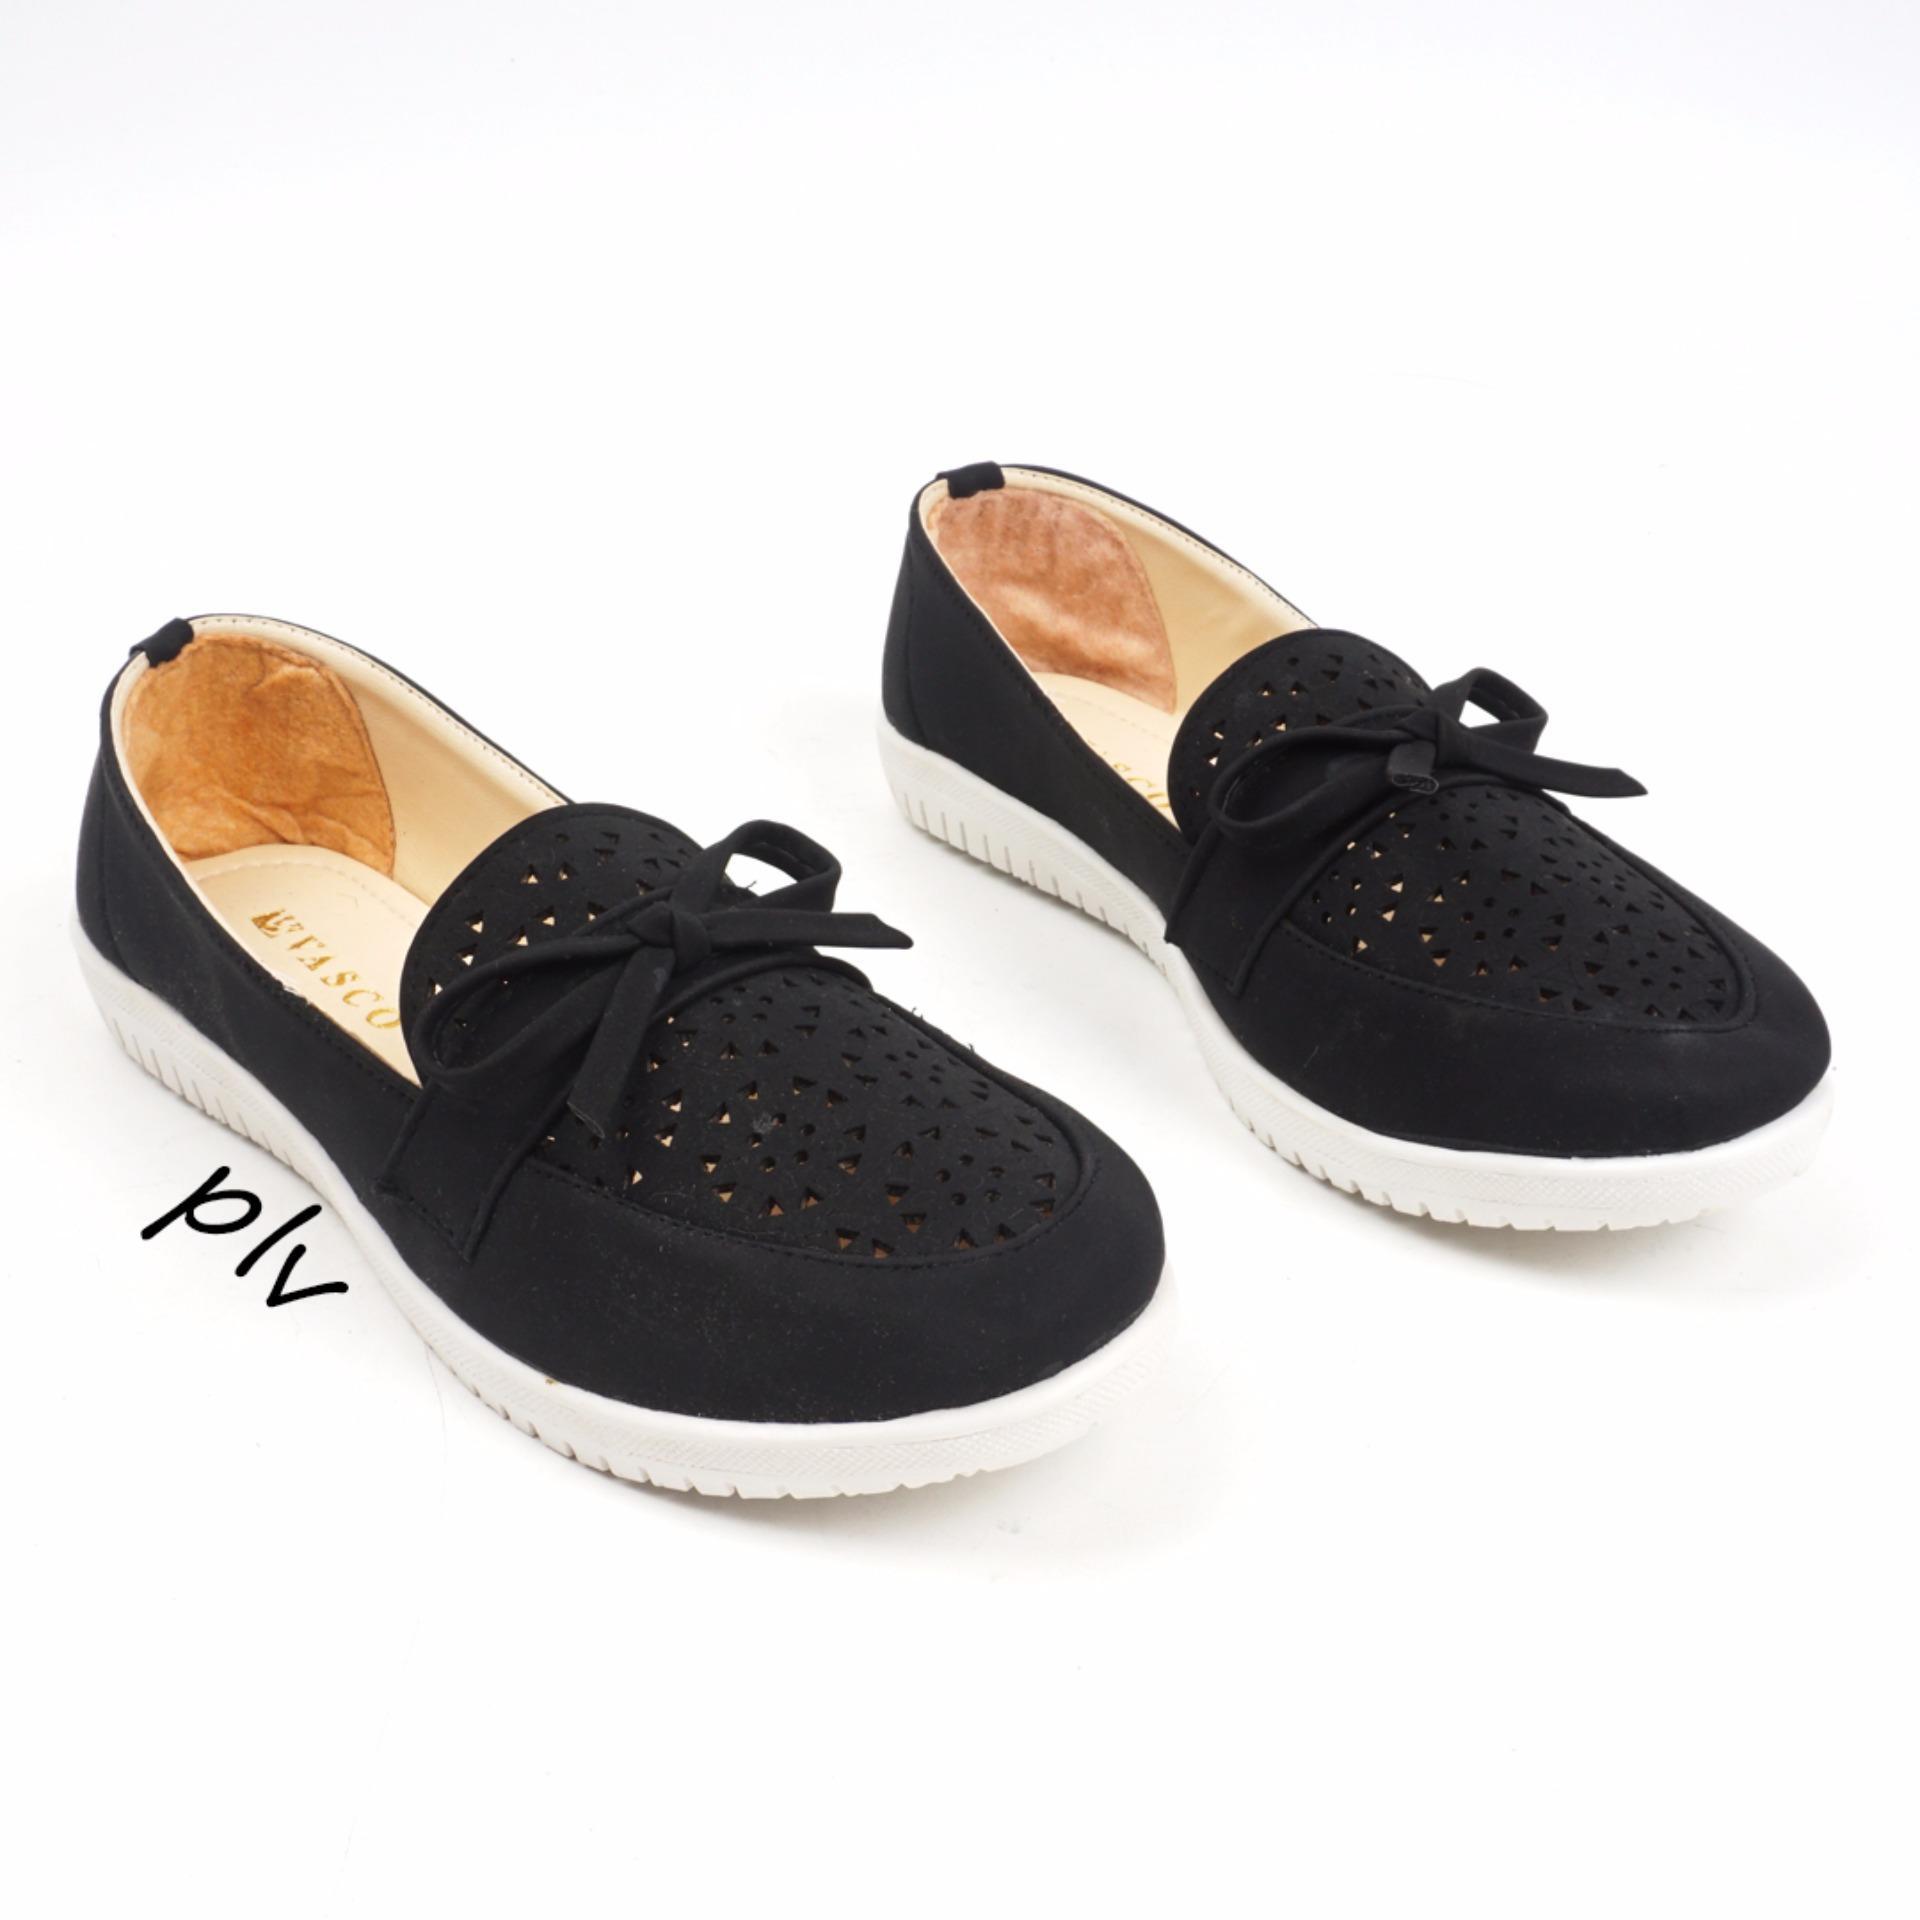 Ulasan Tentang Sepatu Flat Shoes Slip On Ry01 Hitam